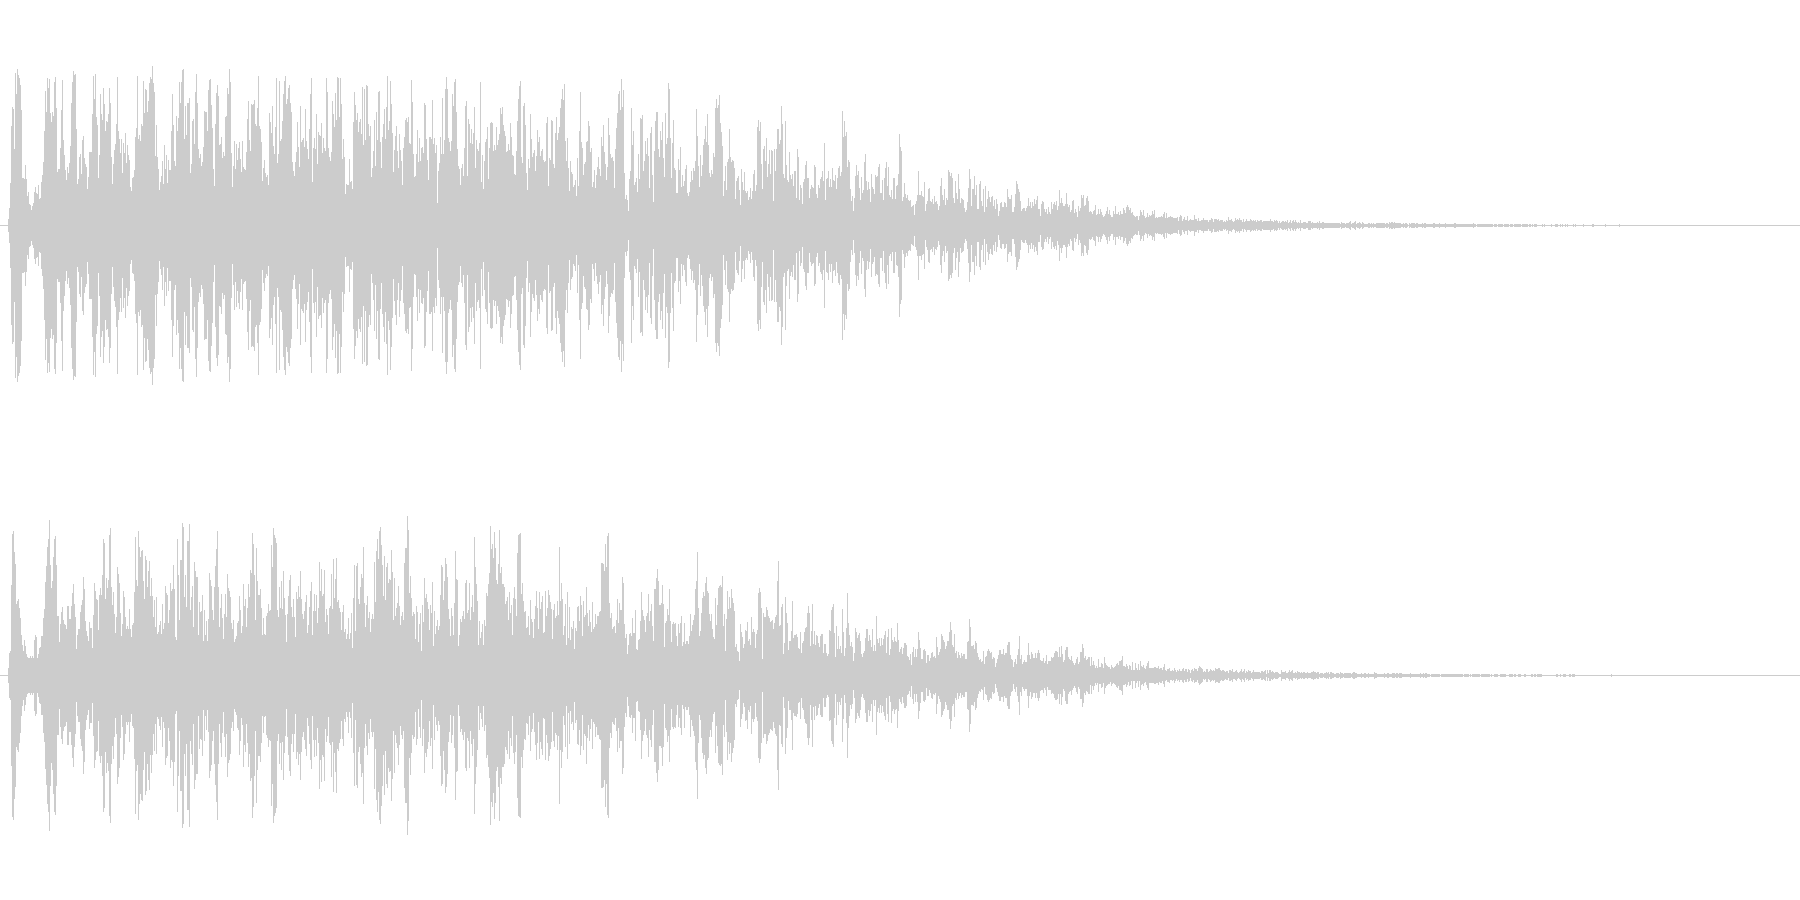 変化のある風切りの音の未再生の波形